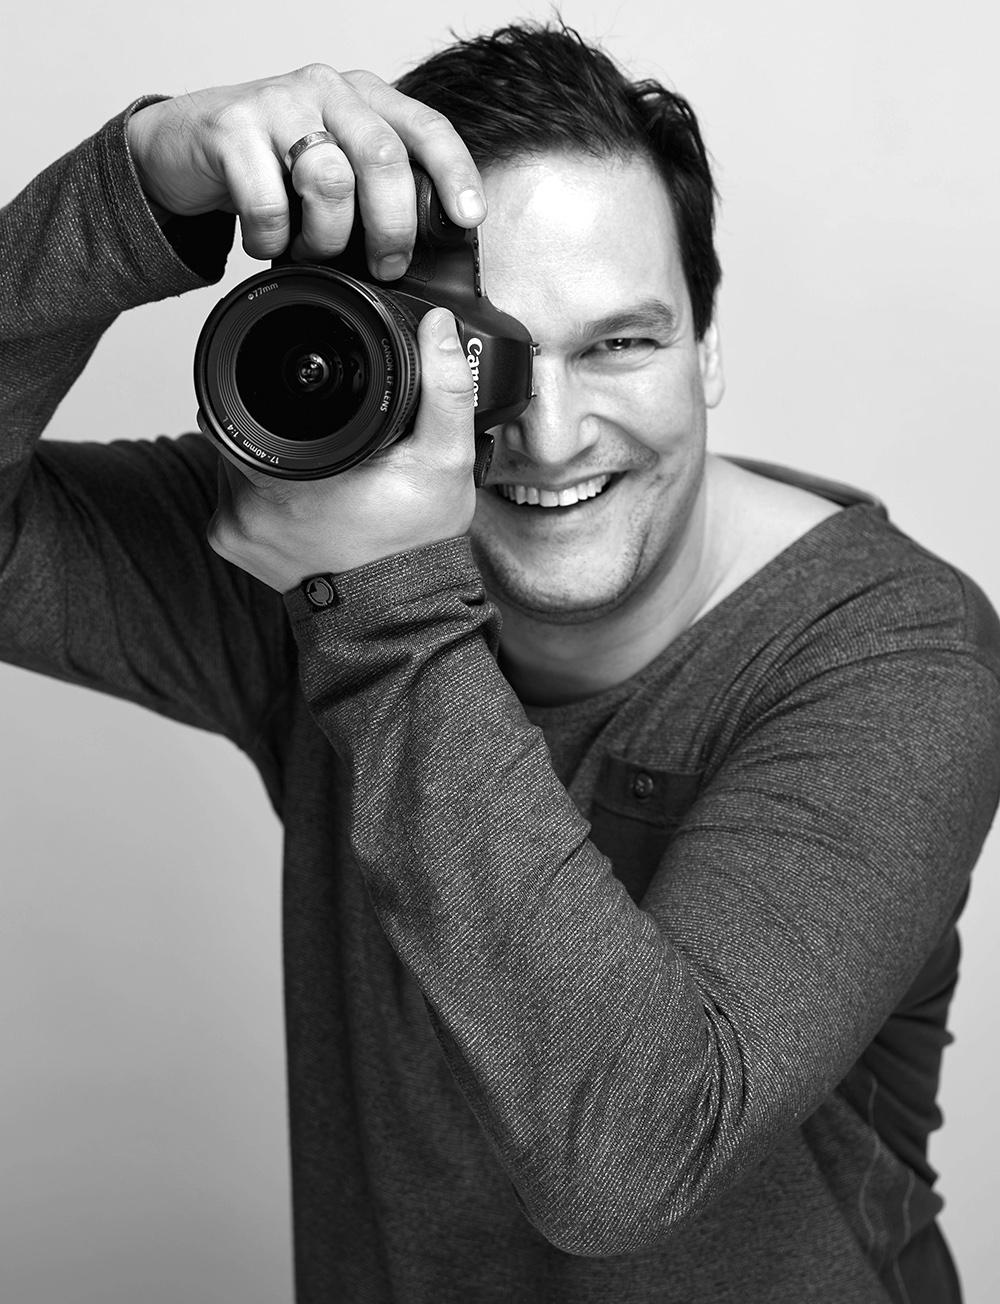 StefanSegers-fotograaf-Grafimax.jpg